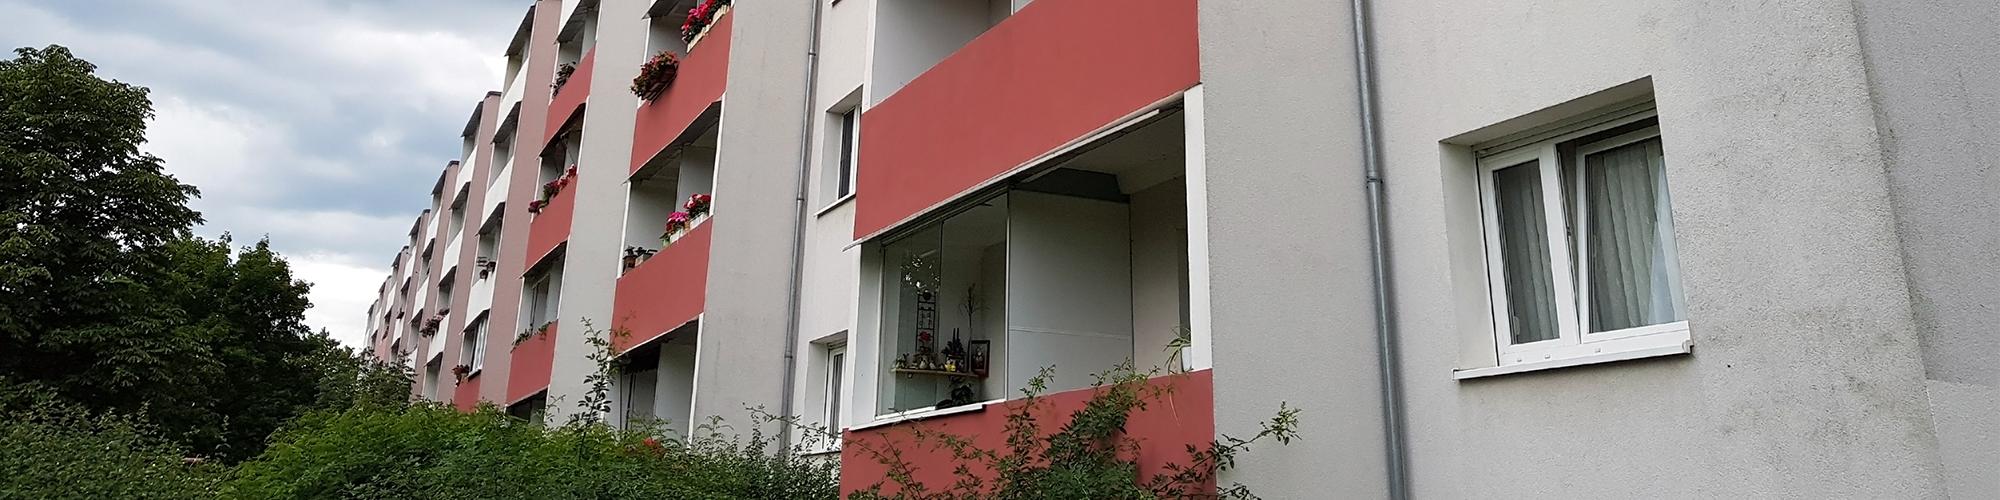 Bauhaus, 100 años - EL PAIS Viajes